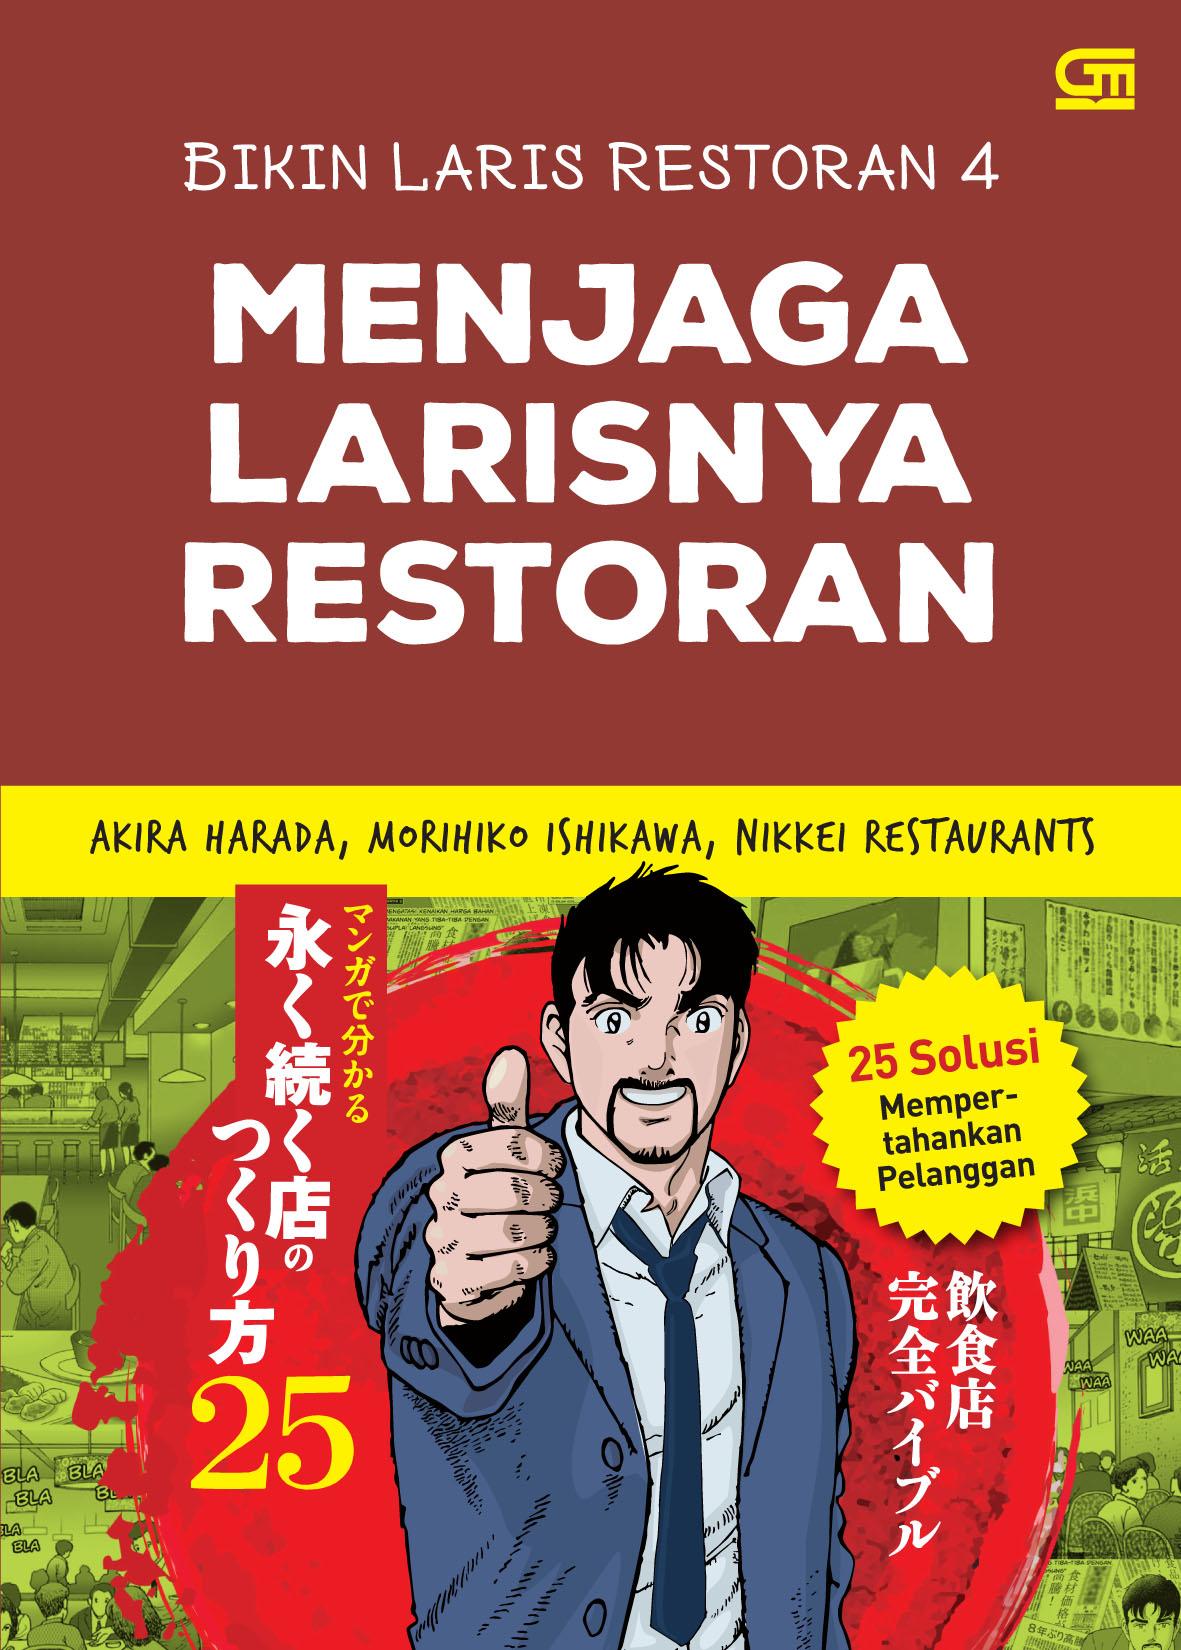 Bikin Laris Restoran 4